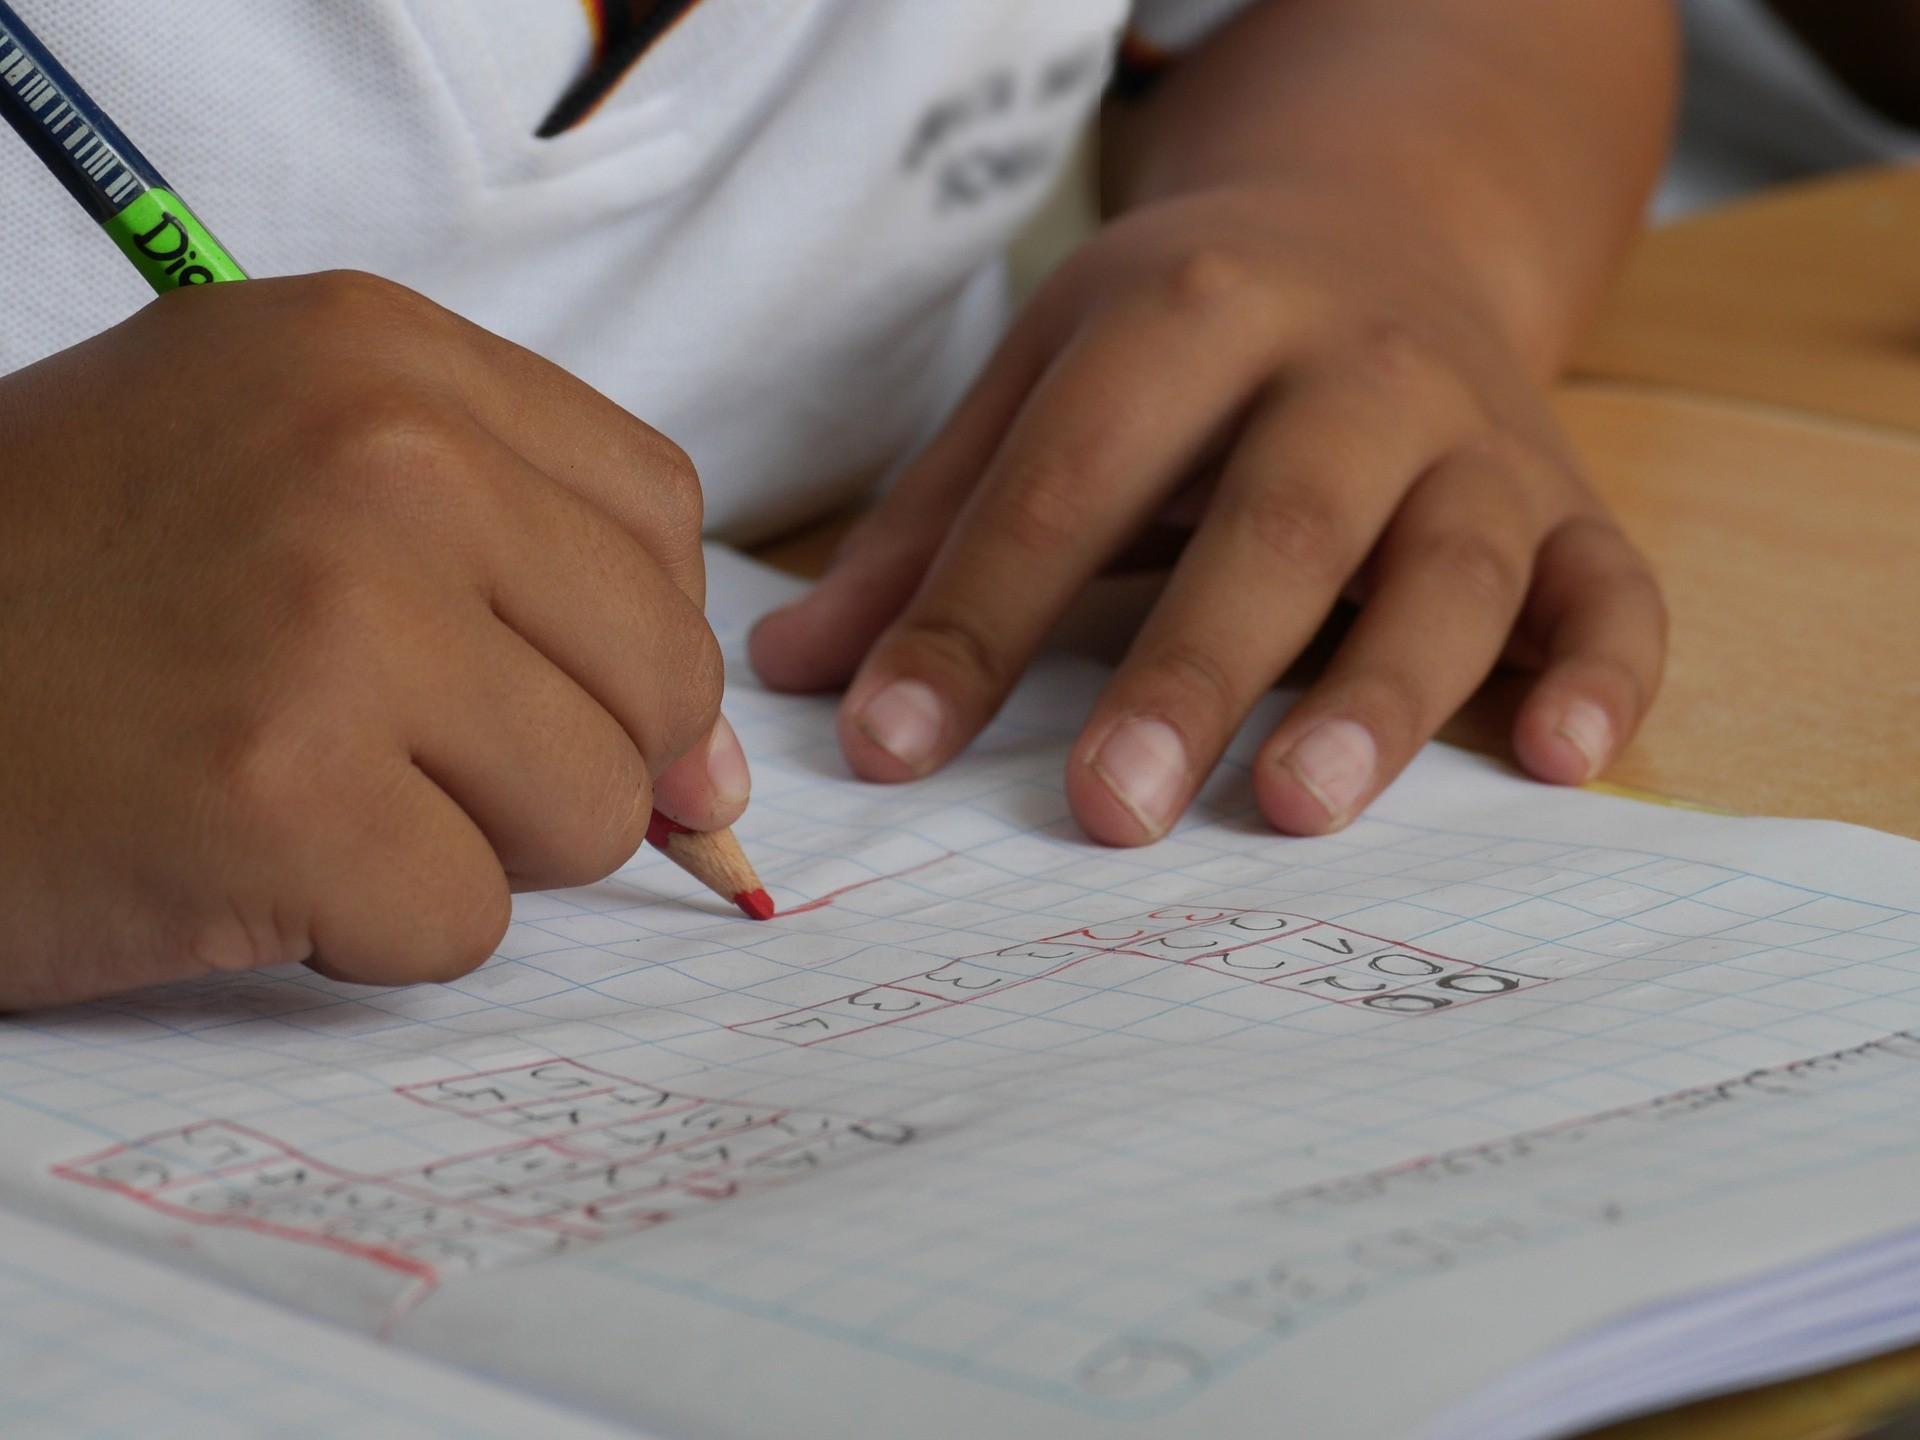 58% reprovam e 15% aprovam as políticas do governo na educação, aponta pesquisa - Notícias - Plantão Diário